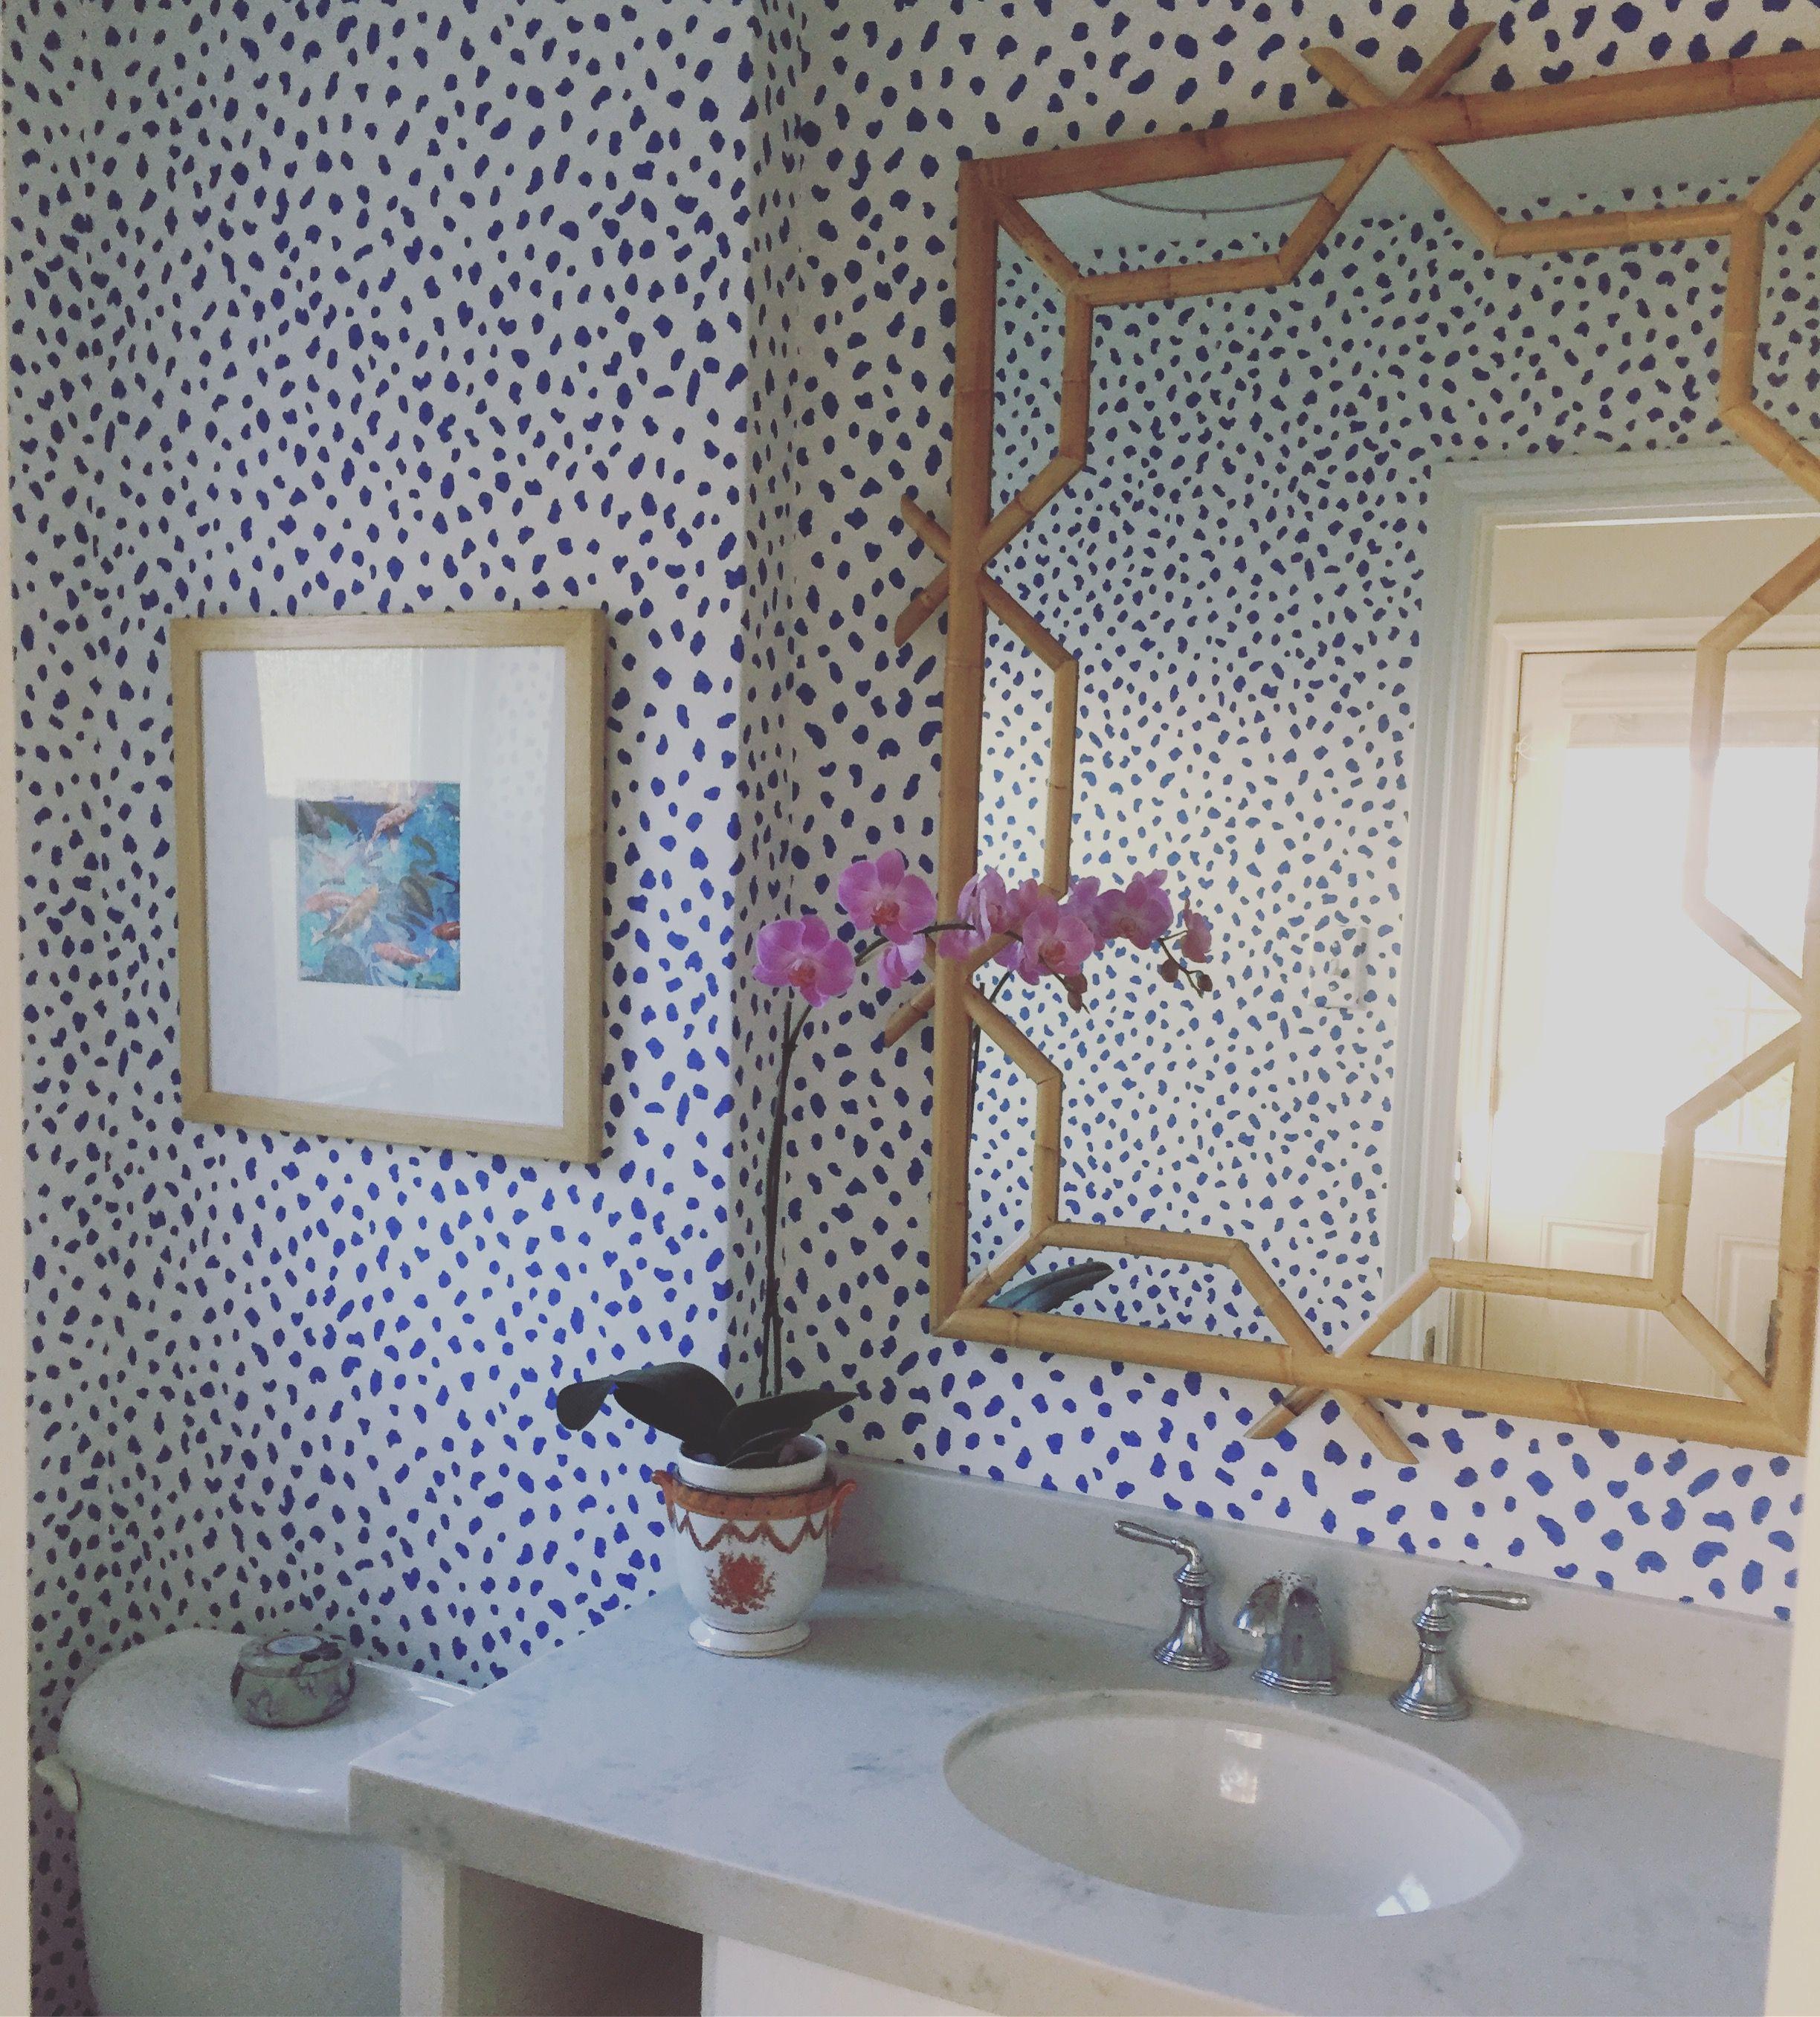 Thibaut Tanzania Wallpaper Serena And Lily Mirror Powder